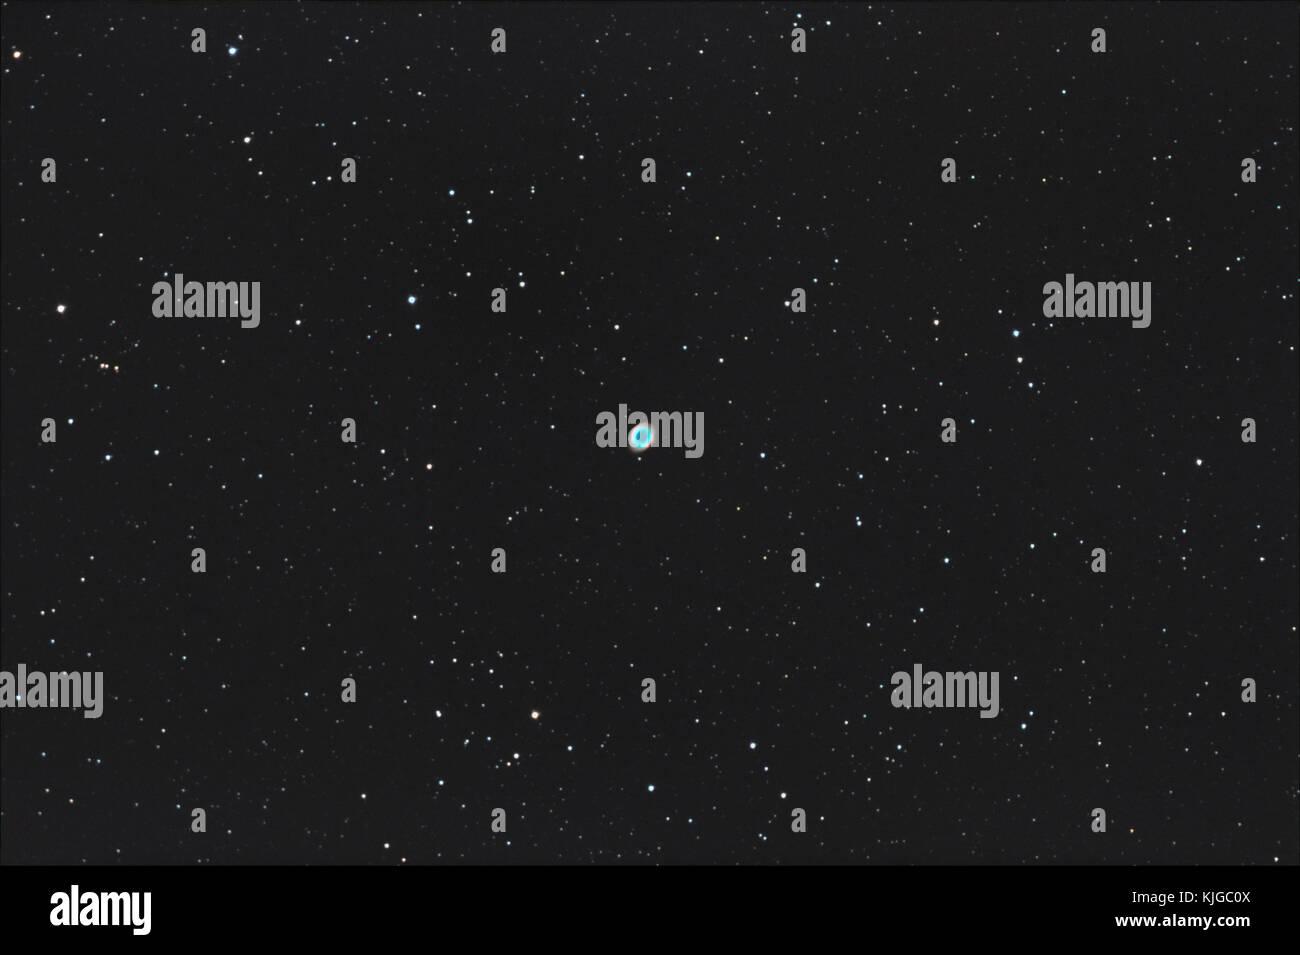 Astrophotography of M57 Ring nebula, Planetary nebula - Stock Image